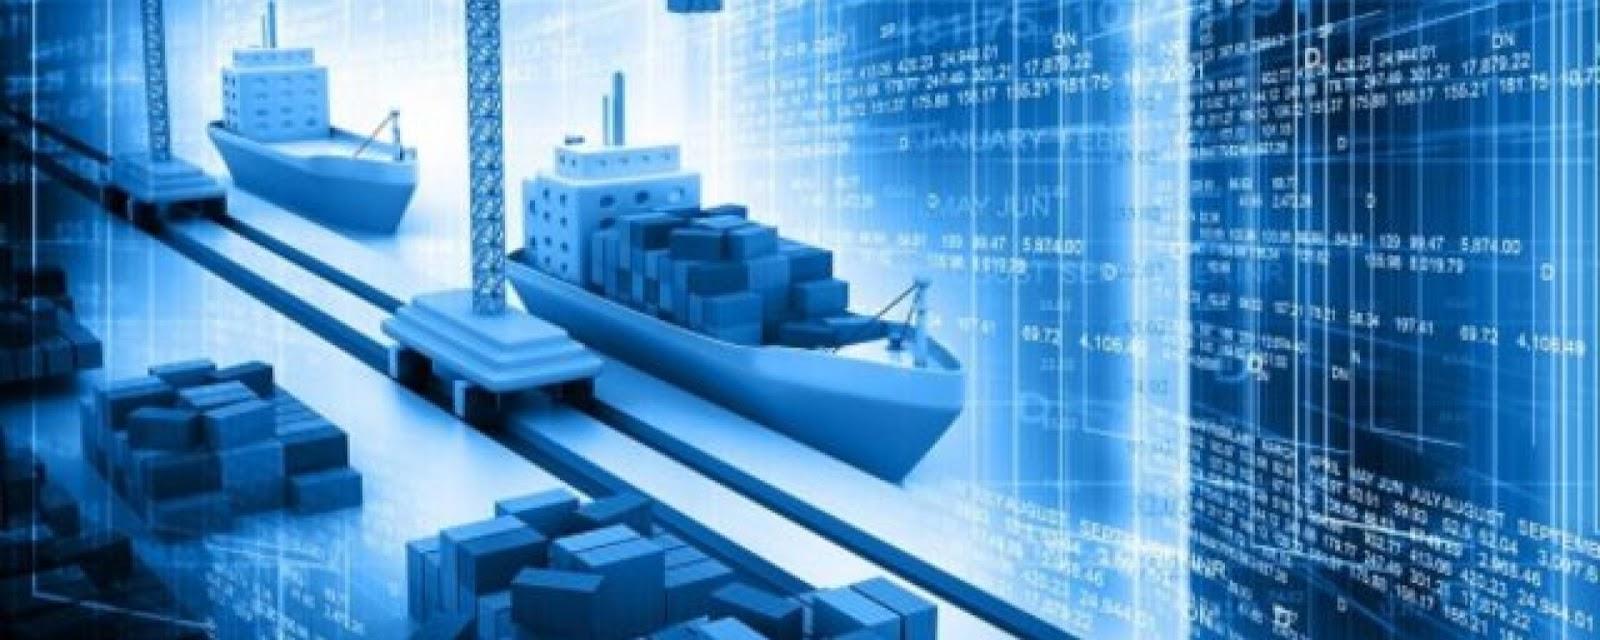 Webinar de CEPAL: Una nueva realidad portuaria: Resiliencia ante ciberataques y otros factores de riesgo